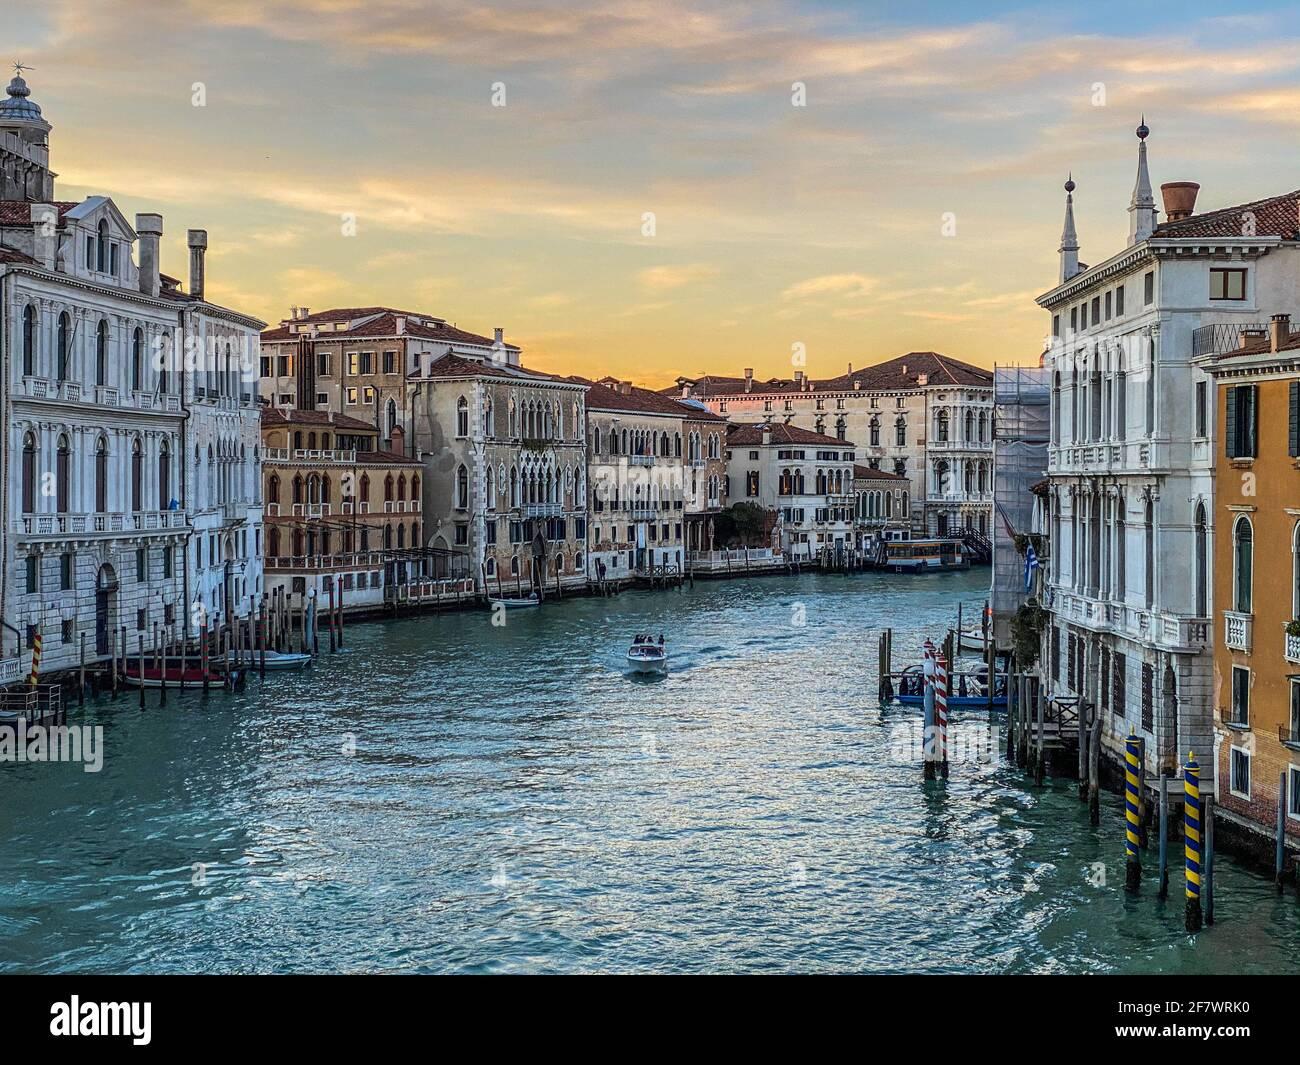 Vista del Gran Canal desde el Ponte dell'Accademia en Venecia, Italia. Sólo un barco en el agua Foto de stock